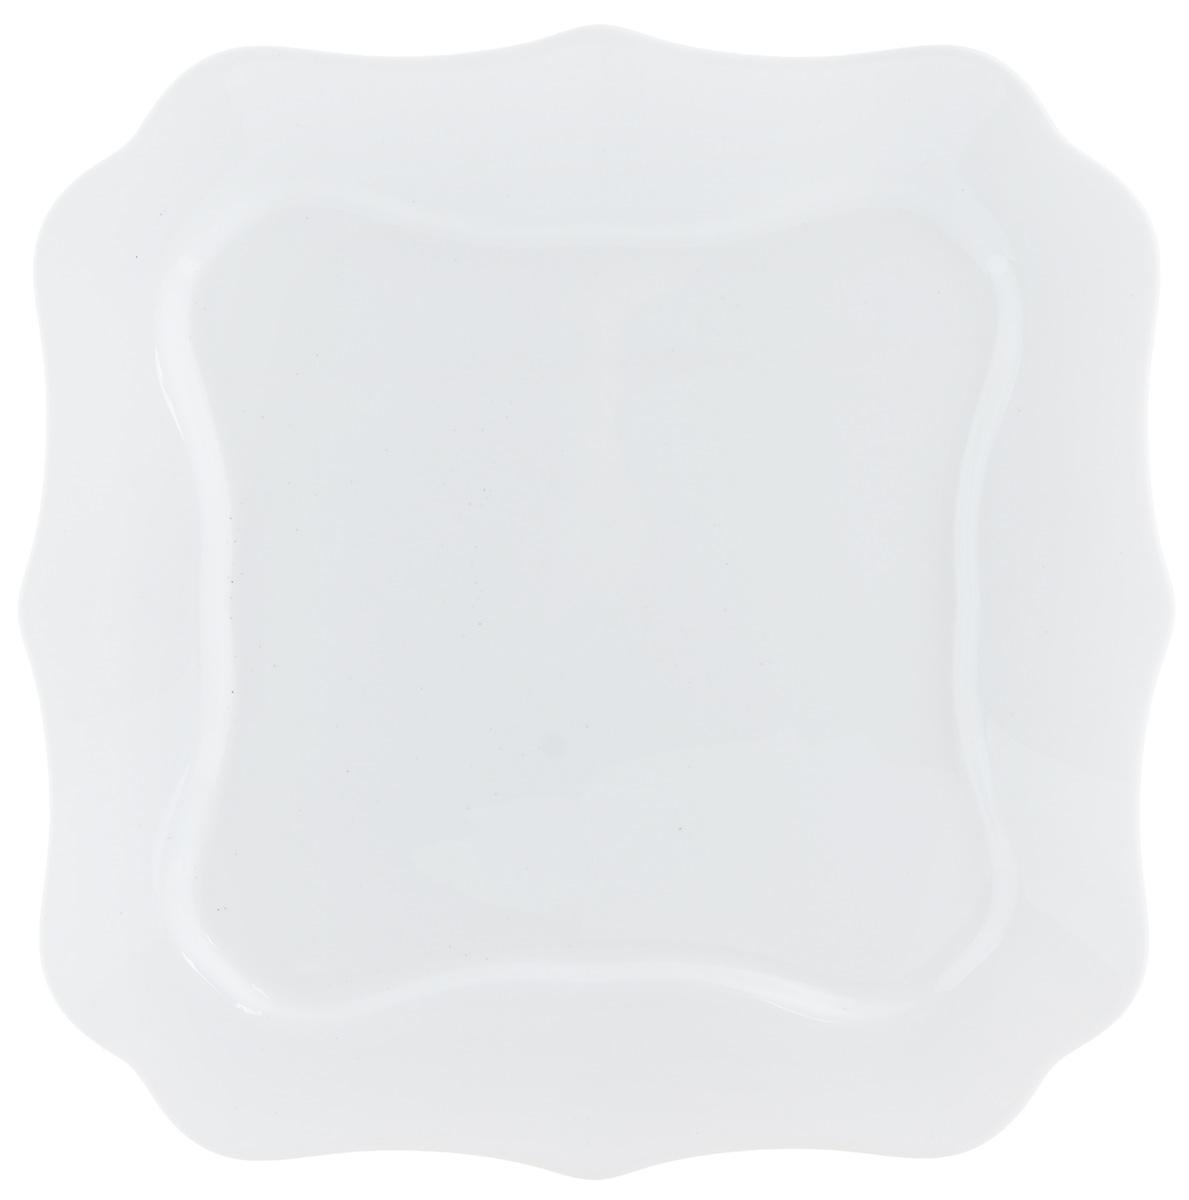 Тарелка обеденная Luminarc, 26 х 26 смJ1300_белыйОбеденная тарелка Luminarc, изготовленная из высококачественного стекла, имеетклассический дизайн. Такая тарелка идеально подойдет для сервировкистола и станет отличным подарком к любому празднику. Размер (по верхнему краю): 26 х 26 см.